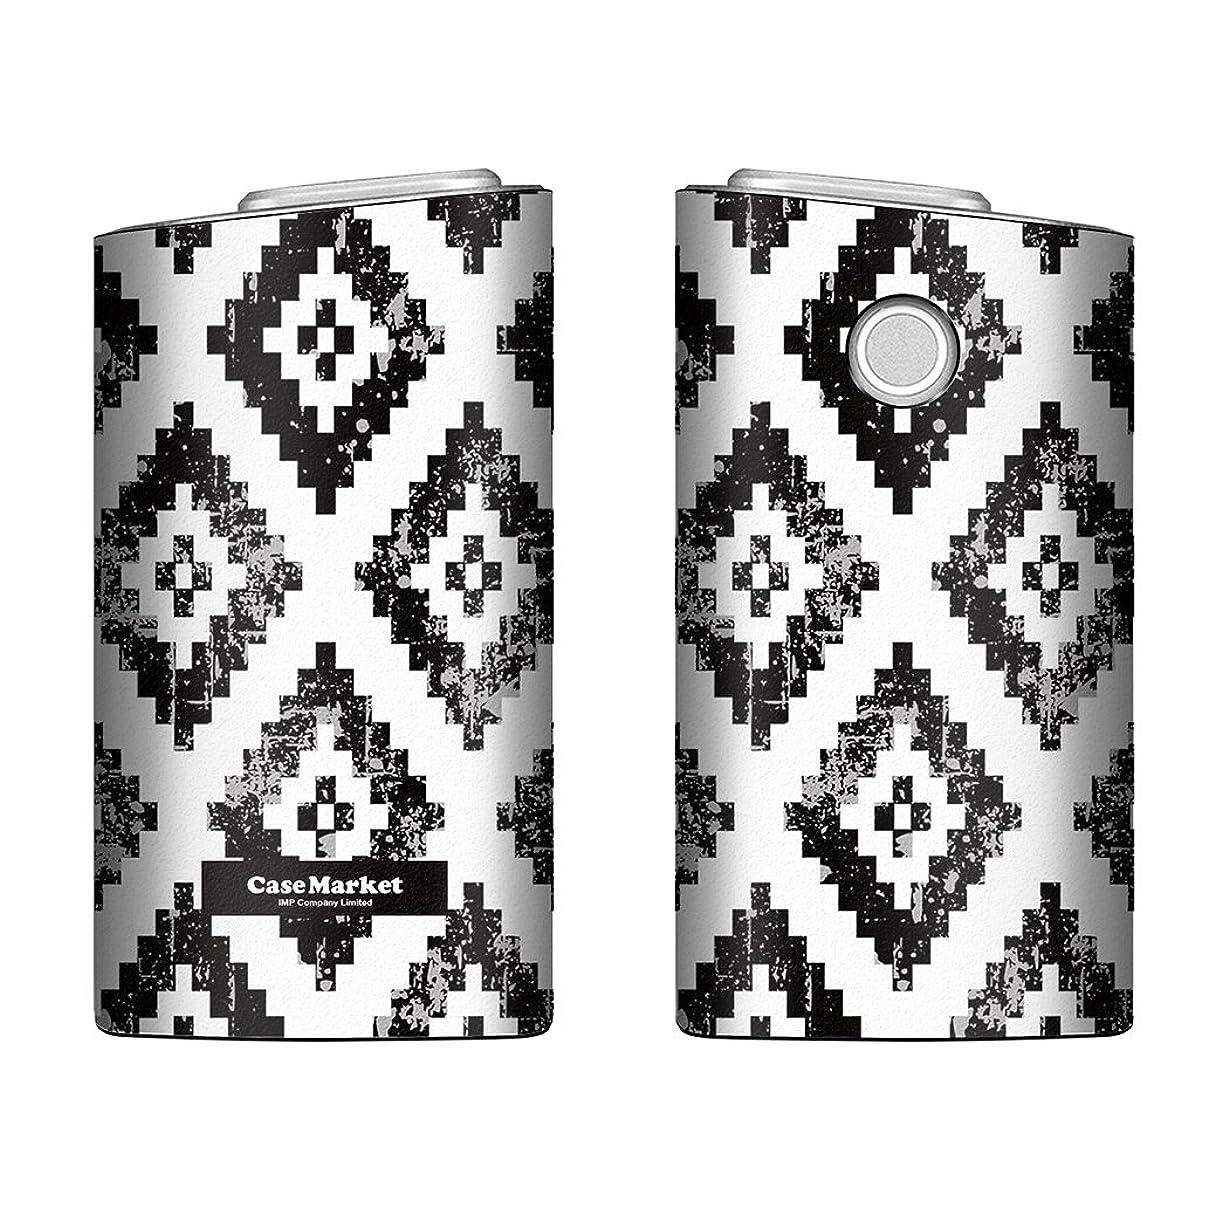 注ぎます囚人神経障害CaseMarket glo グロー ケース 専用 PUレザー プリント ハードケース アラスカ モダン モノトーン インディアン Black & White 4308 電子タバコ 保護 カバー